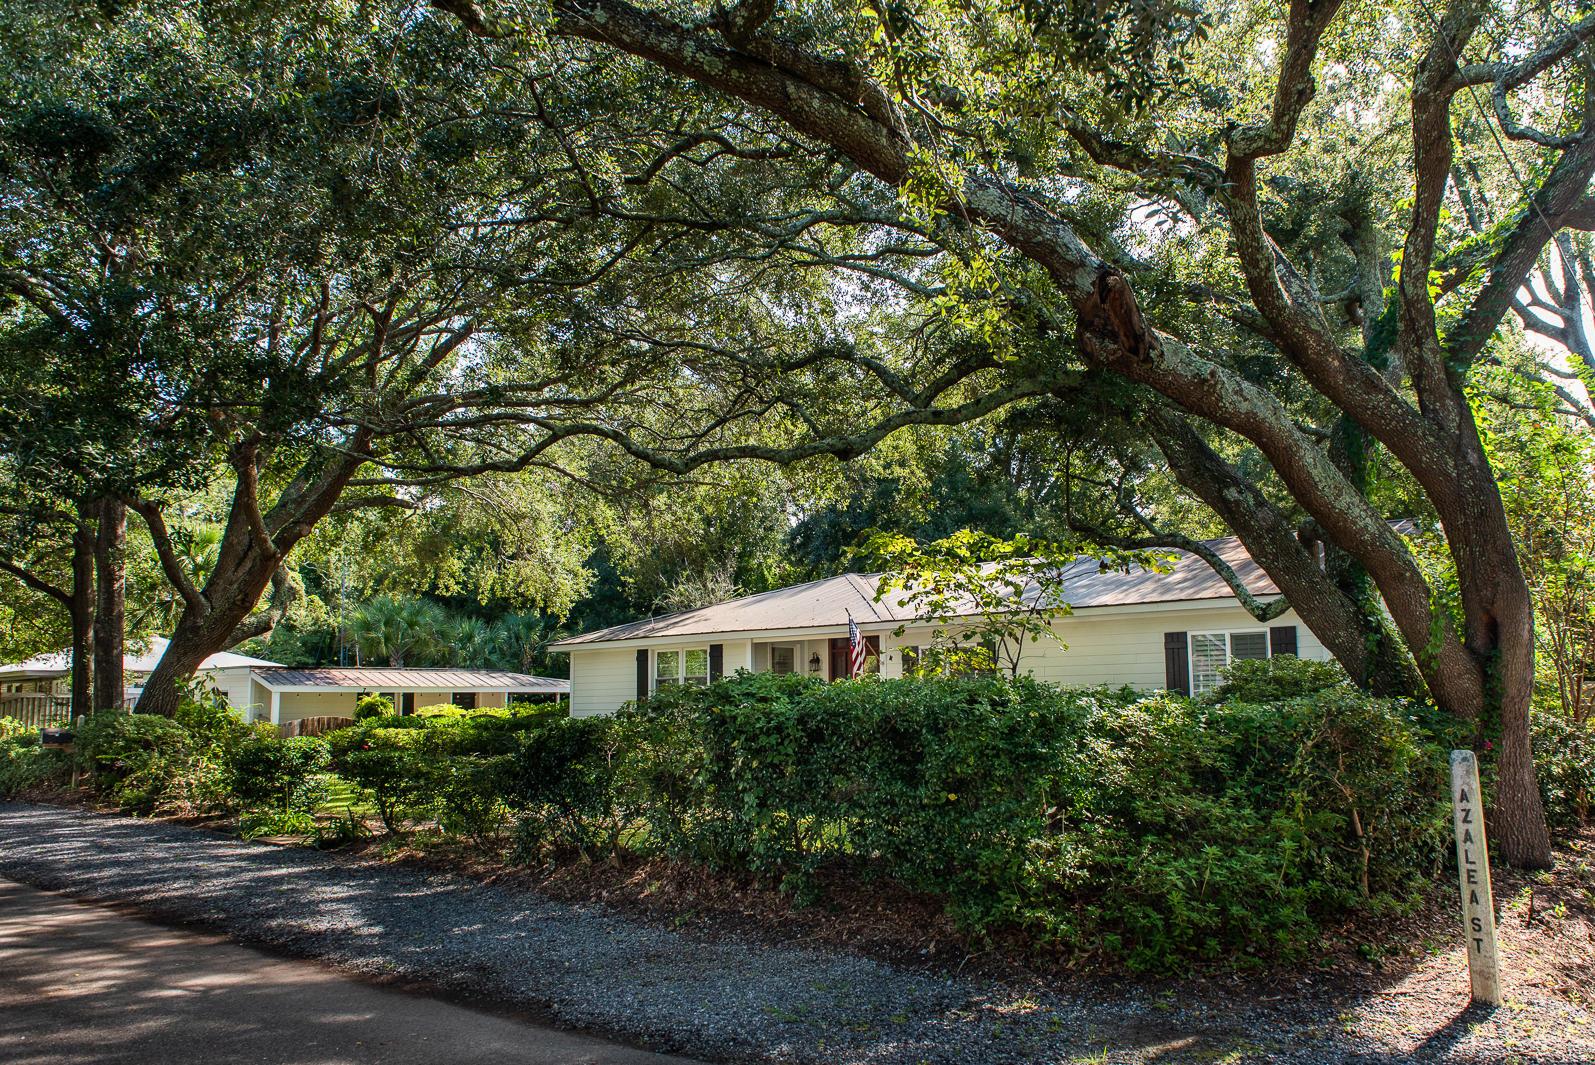 Old Mt Pleasant Homes For Sale - 1344 Fairmont, Mount Pleasant, SC - 5